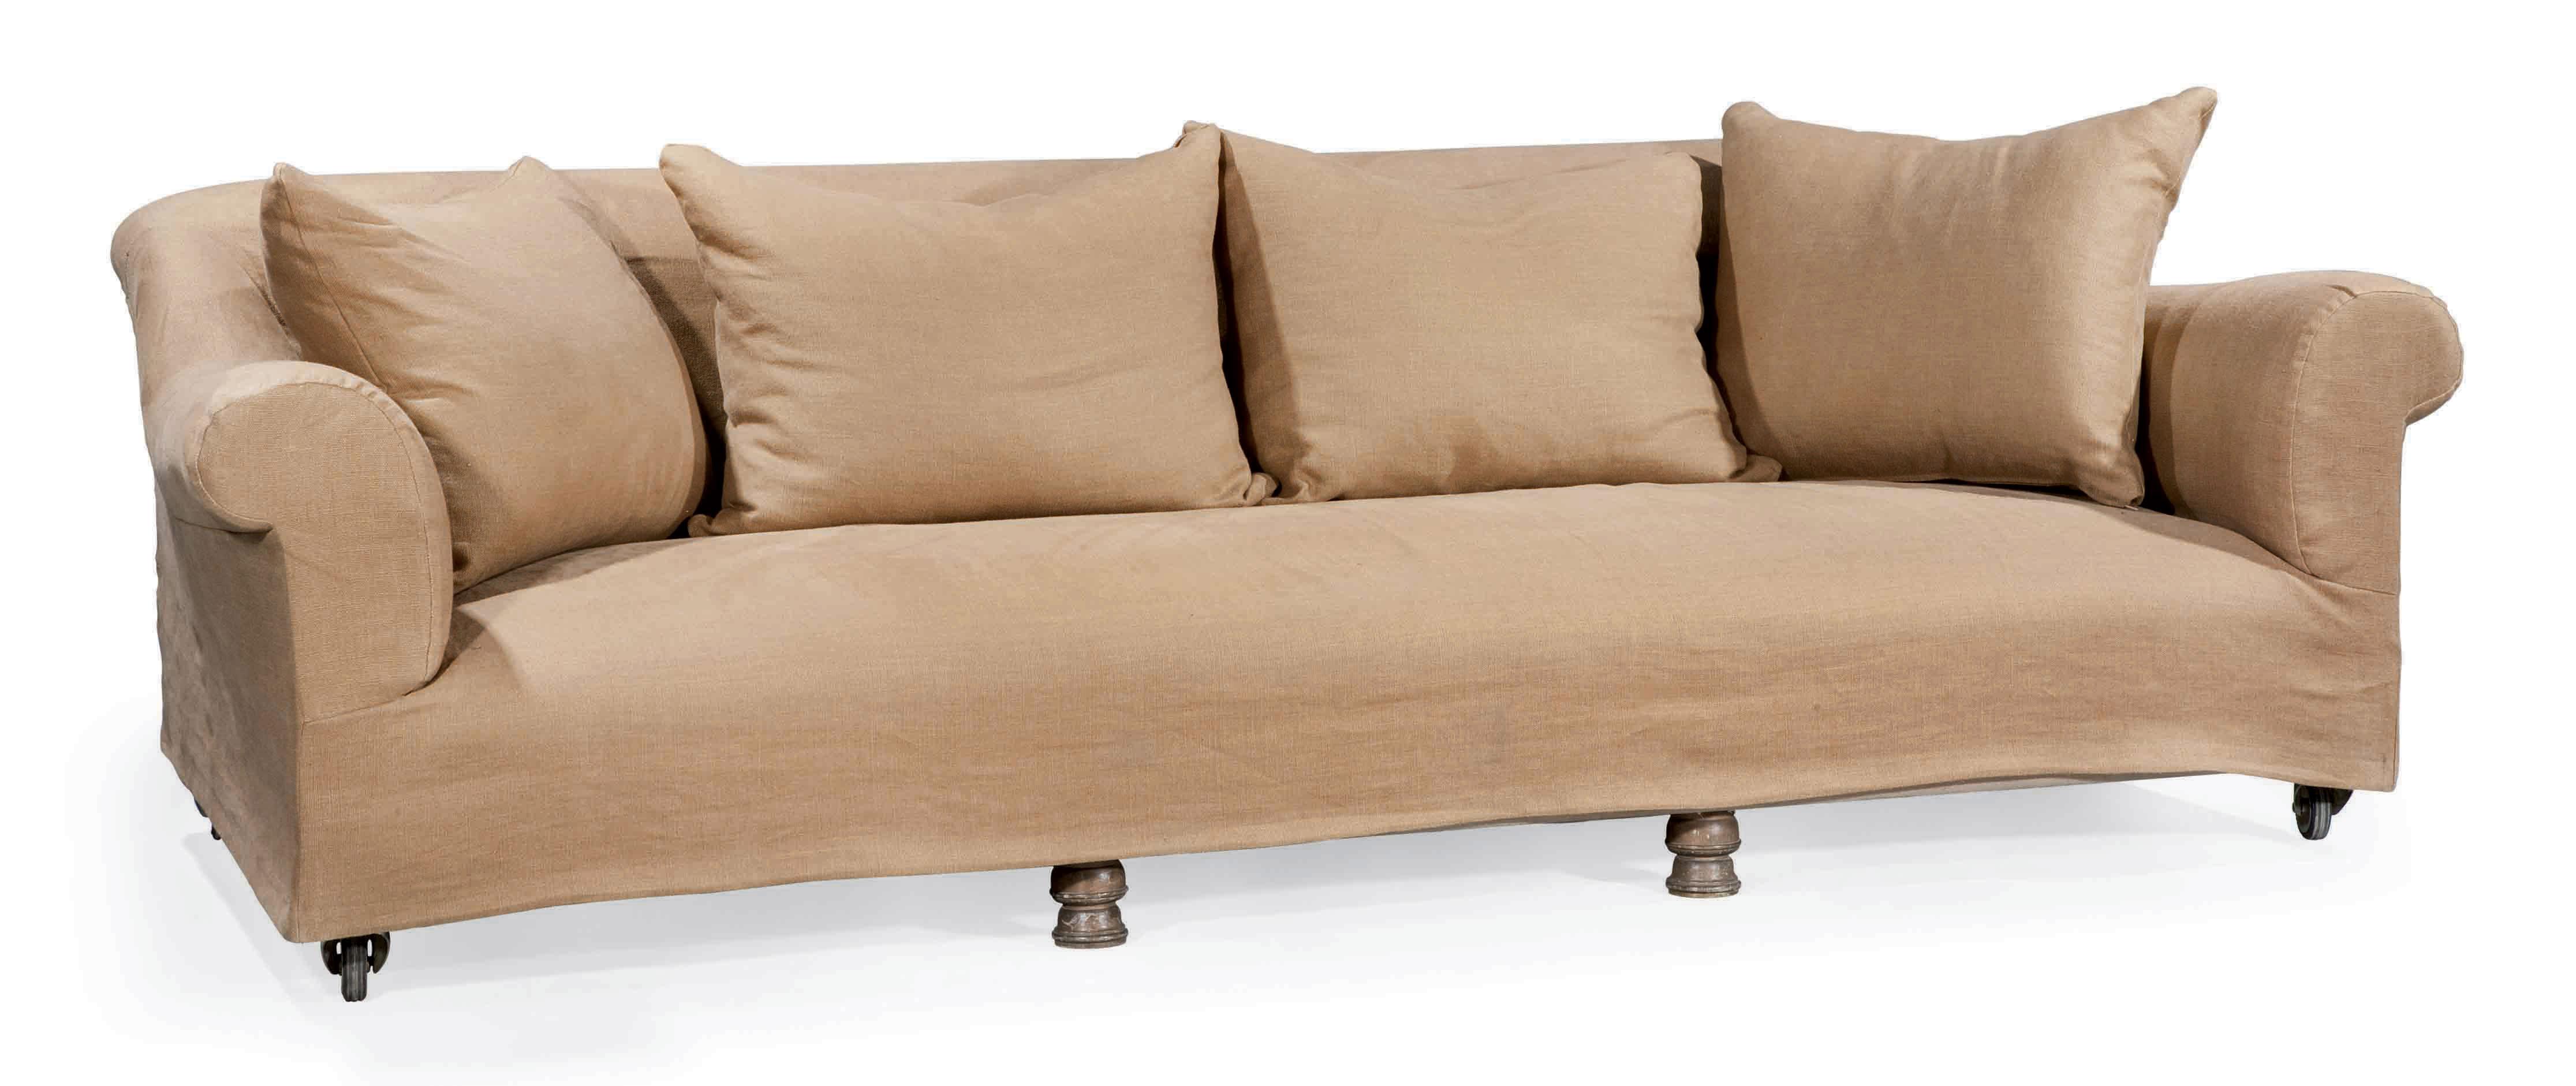 Photo De Canape Moderne canape moderne   par axel vervoordt   sofa, furniture